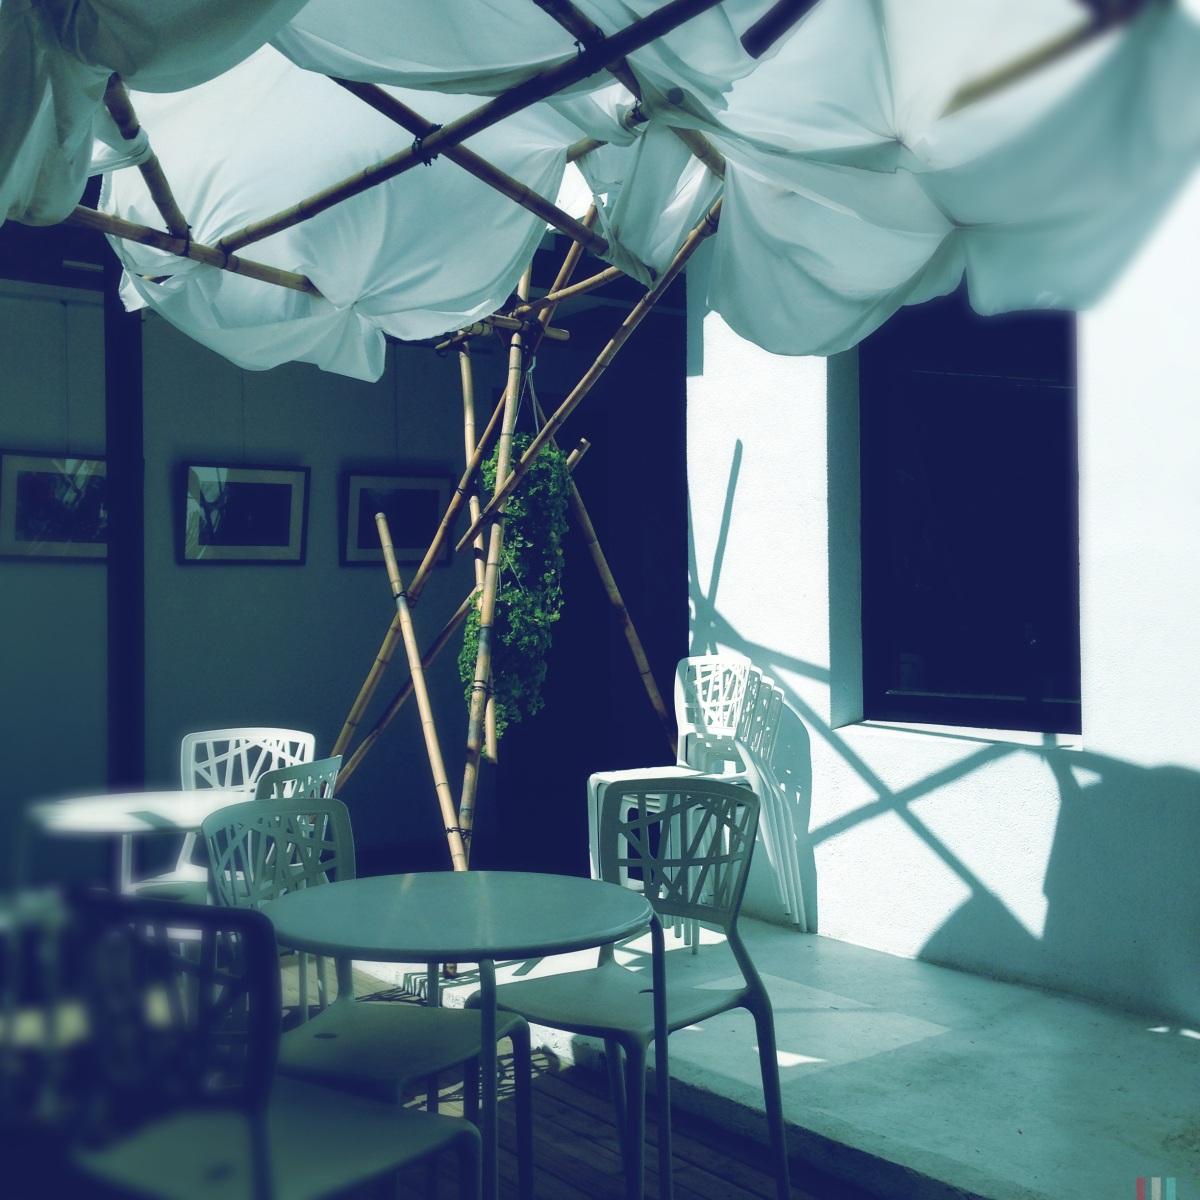 民宿與藝術空間的結合 - 台南市的八又二分之一 8